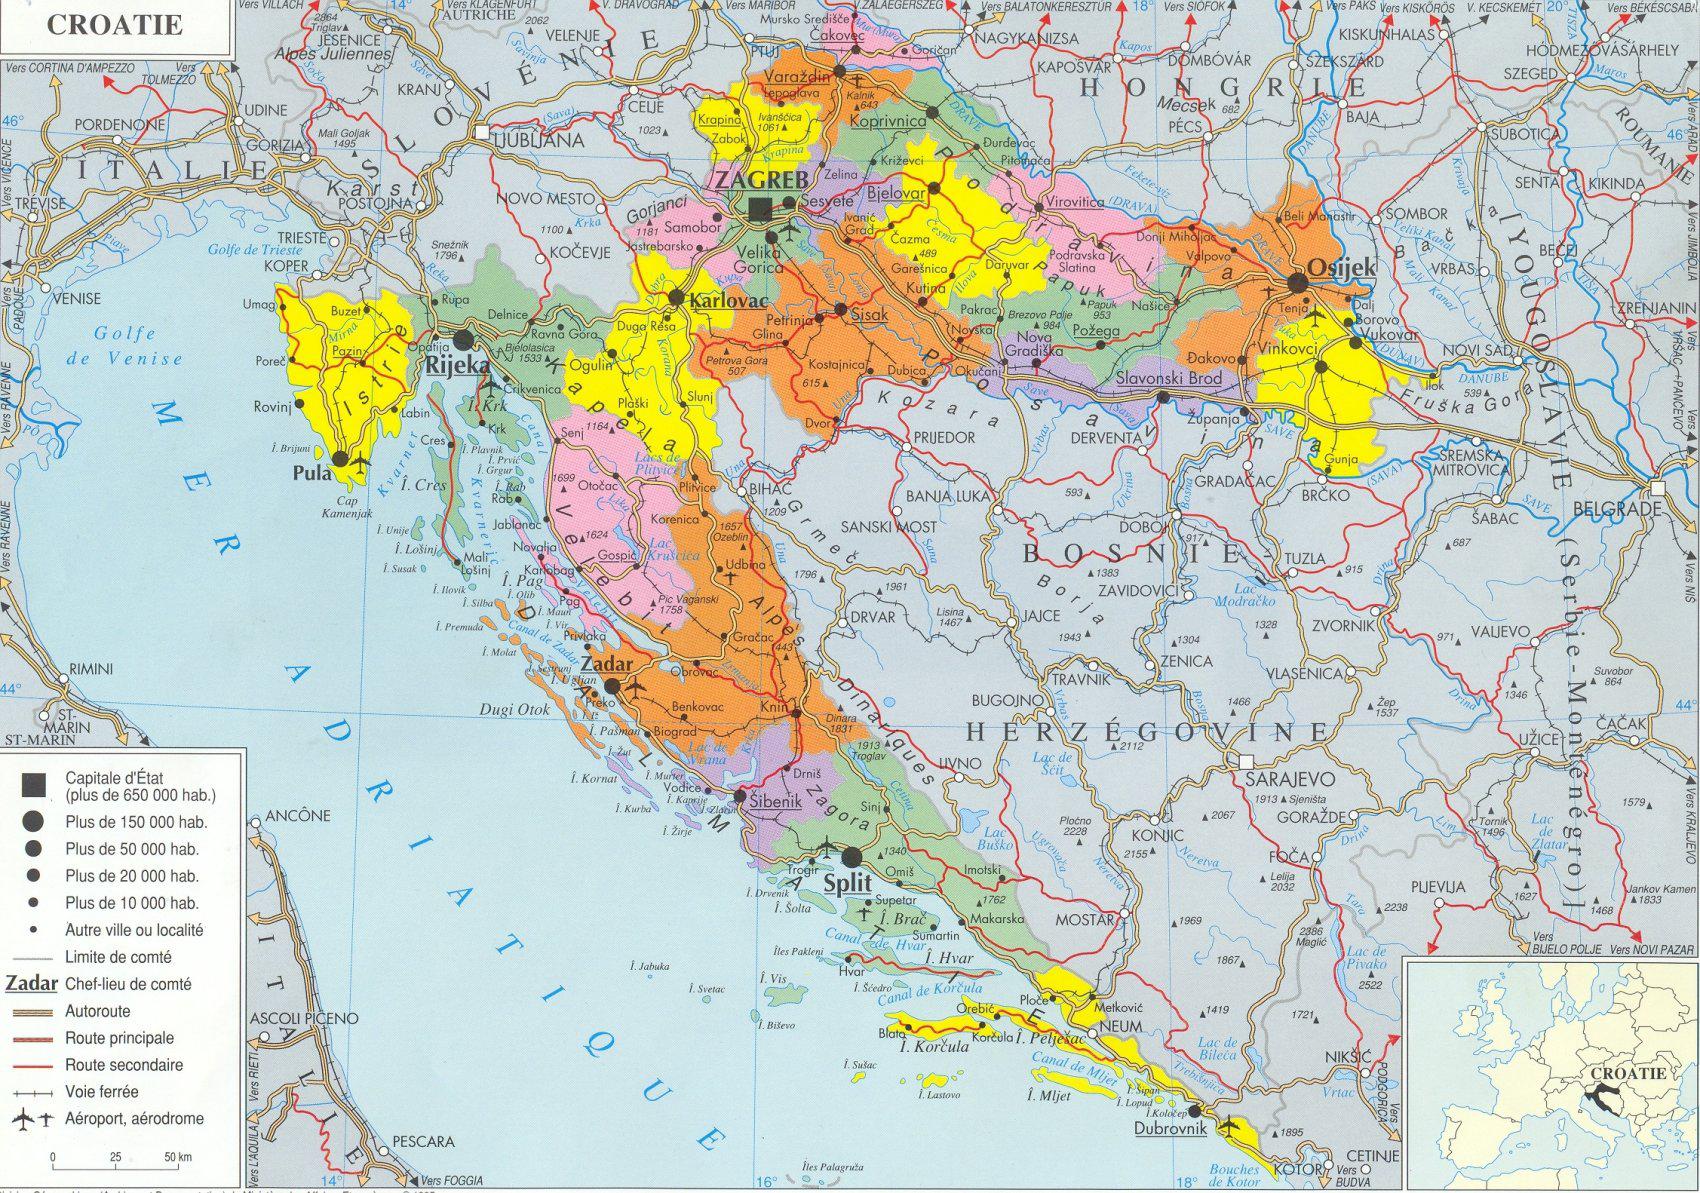 Informations touristiques sur la Croatie